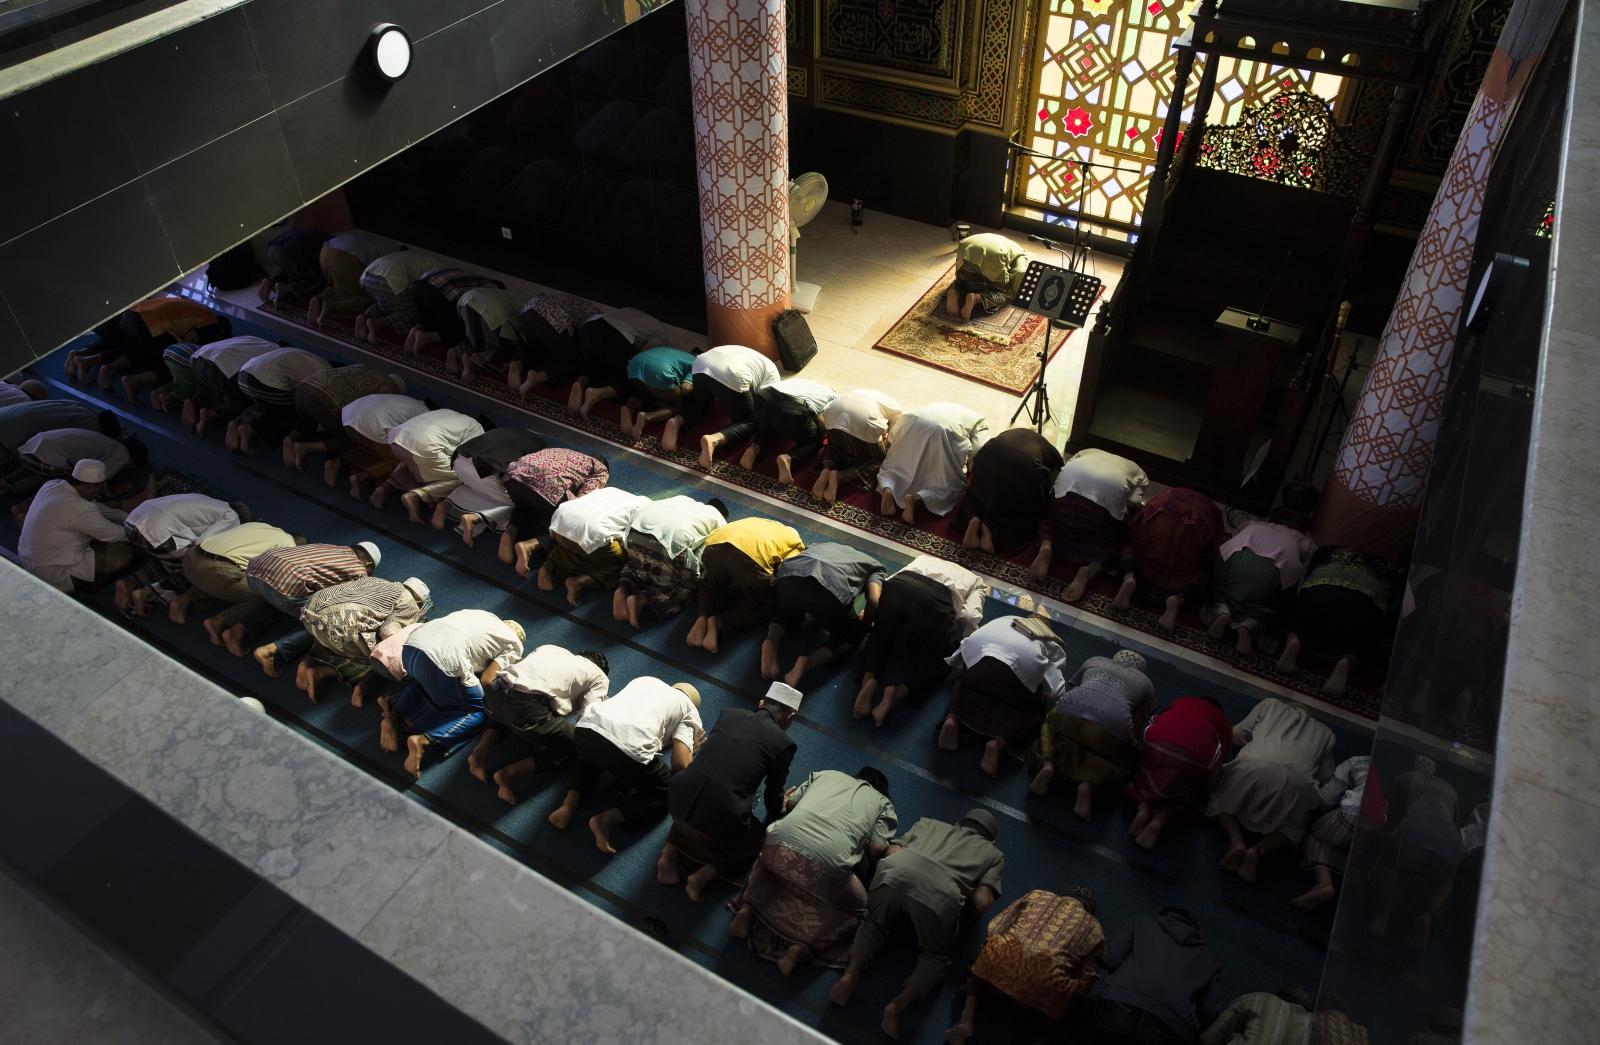 Muzułmanie modlą się w meczecie w trakcie świętego miesiąca Ramadanu, Denpasar, Bali, Infonezja